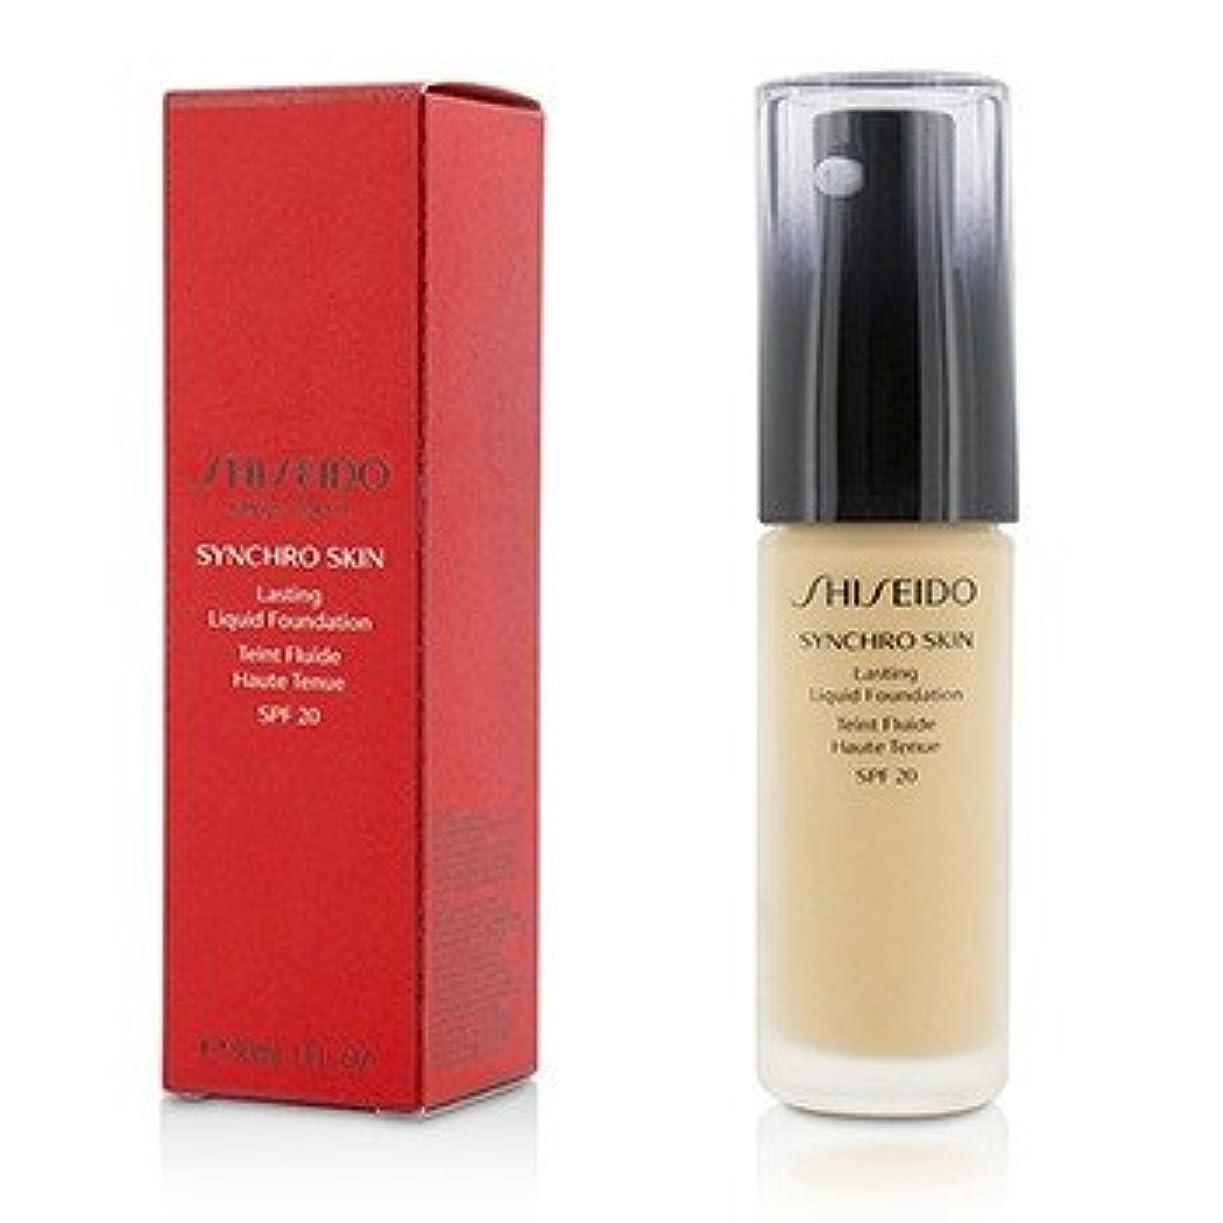 想起海藻明るい[Shiseido] Synchro Skin Lasting Liquid Foundation SPF 20 - Neutral 3 30ml/1oz